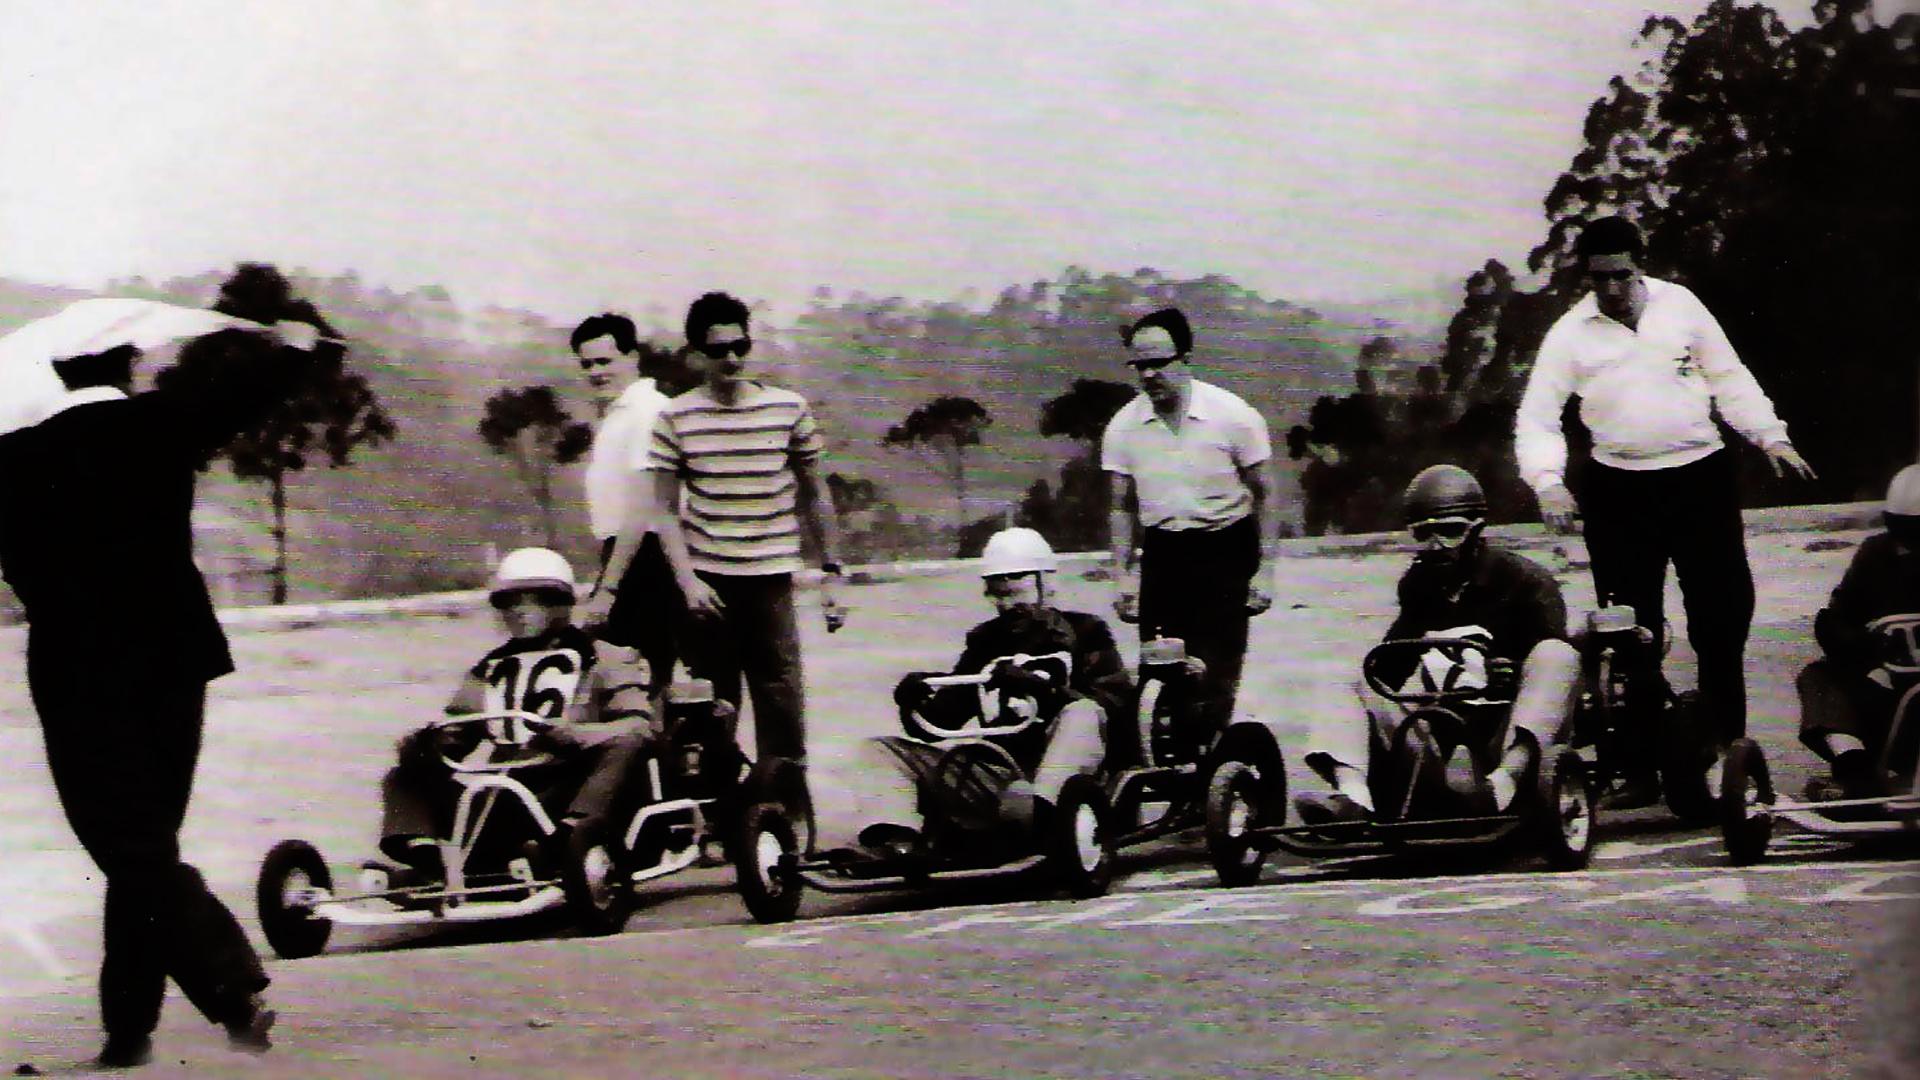 Imagem histórica de uma corrida de kart bem antiga. Na imagem tem 4 pilotos, além de 5 pessoas próximas aos karts.